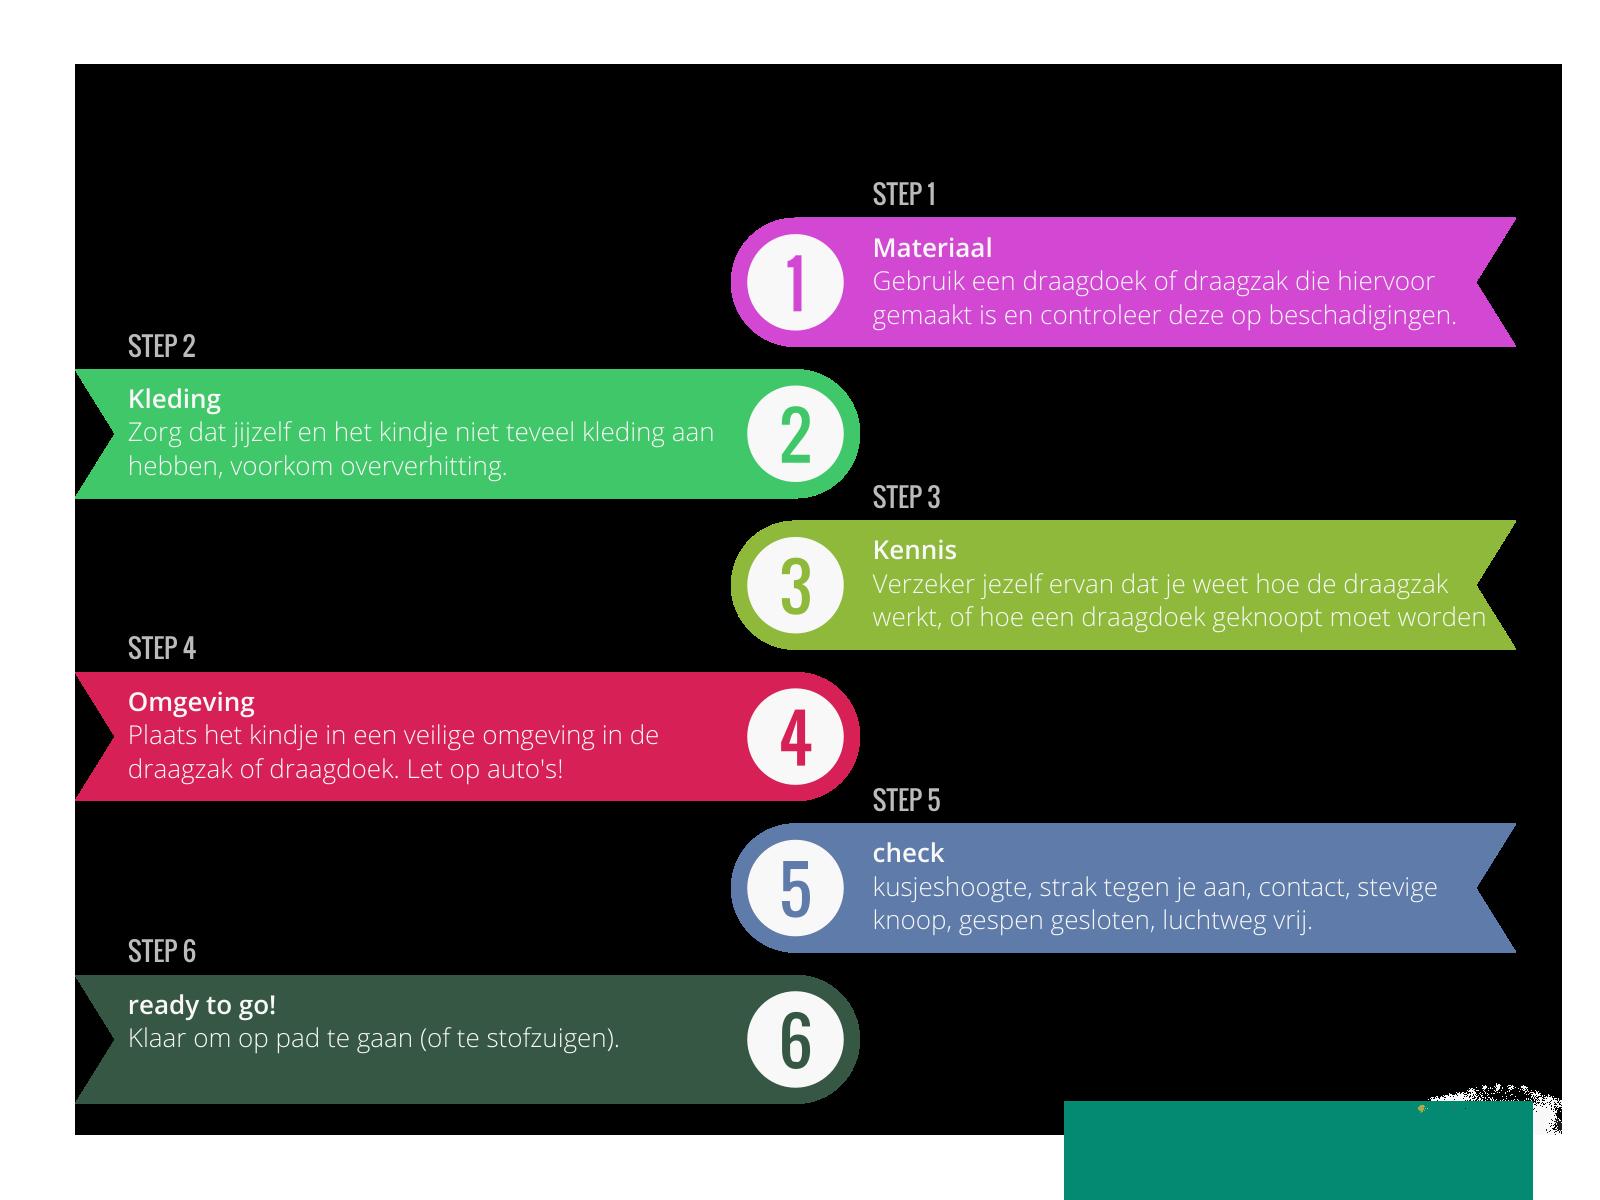 checklist veilig dragen draagdoek draagzak